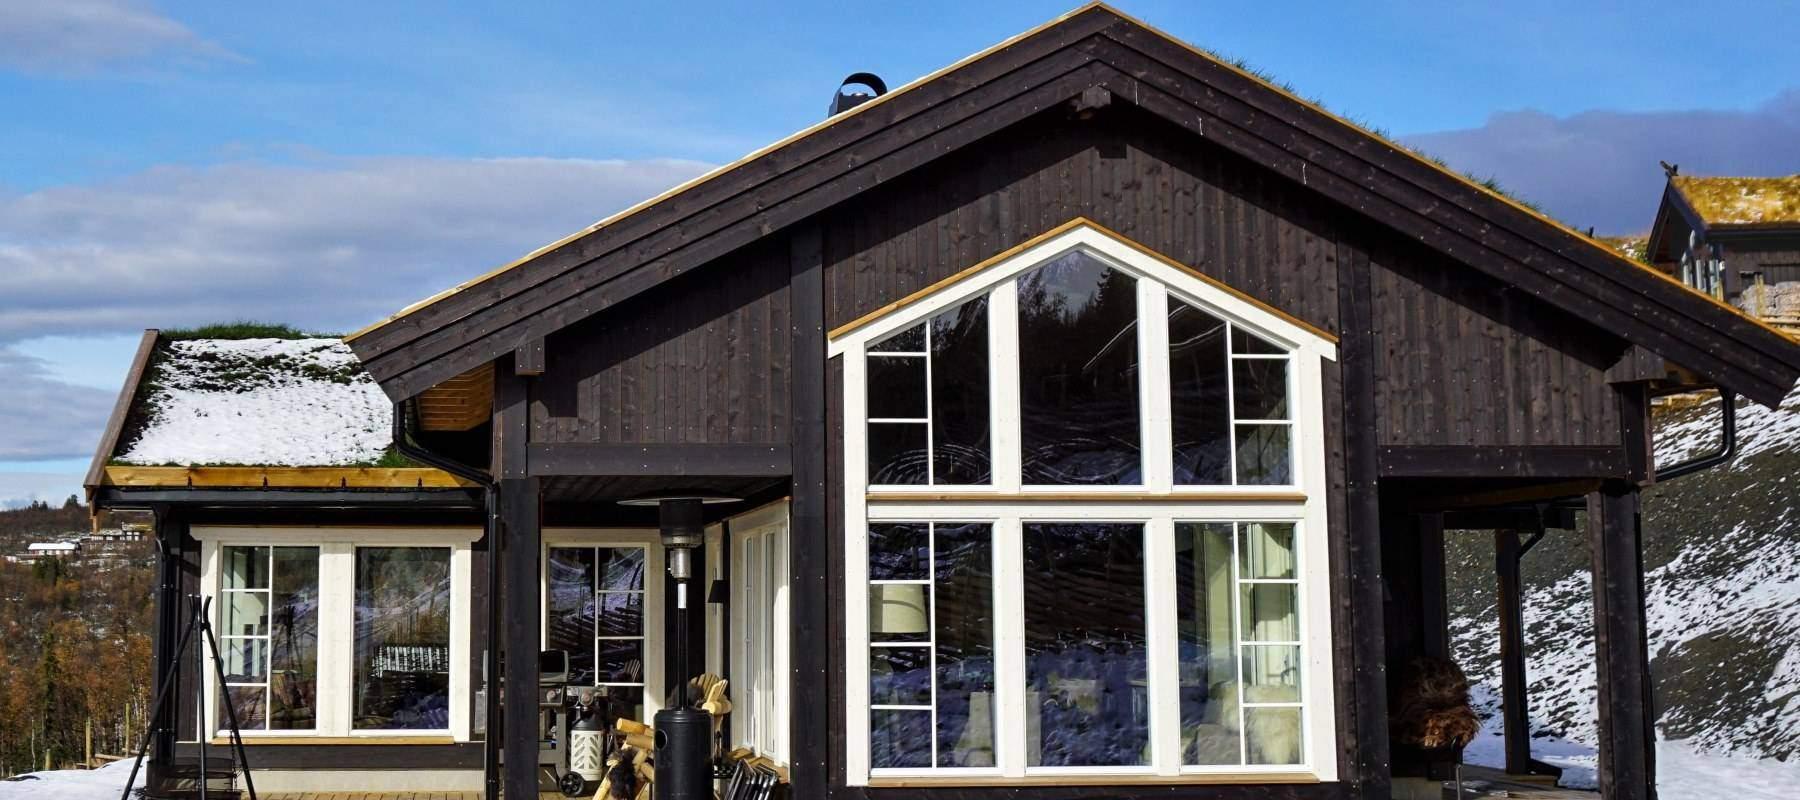 462 Hytteinspirasjon Hytte Strynsfjell 122 på Høyset Panorama Vaset.